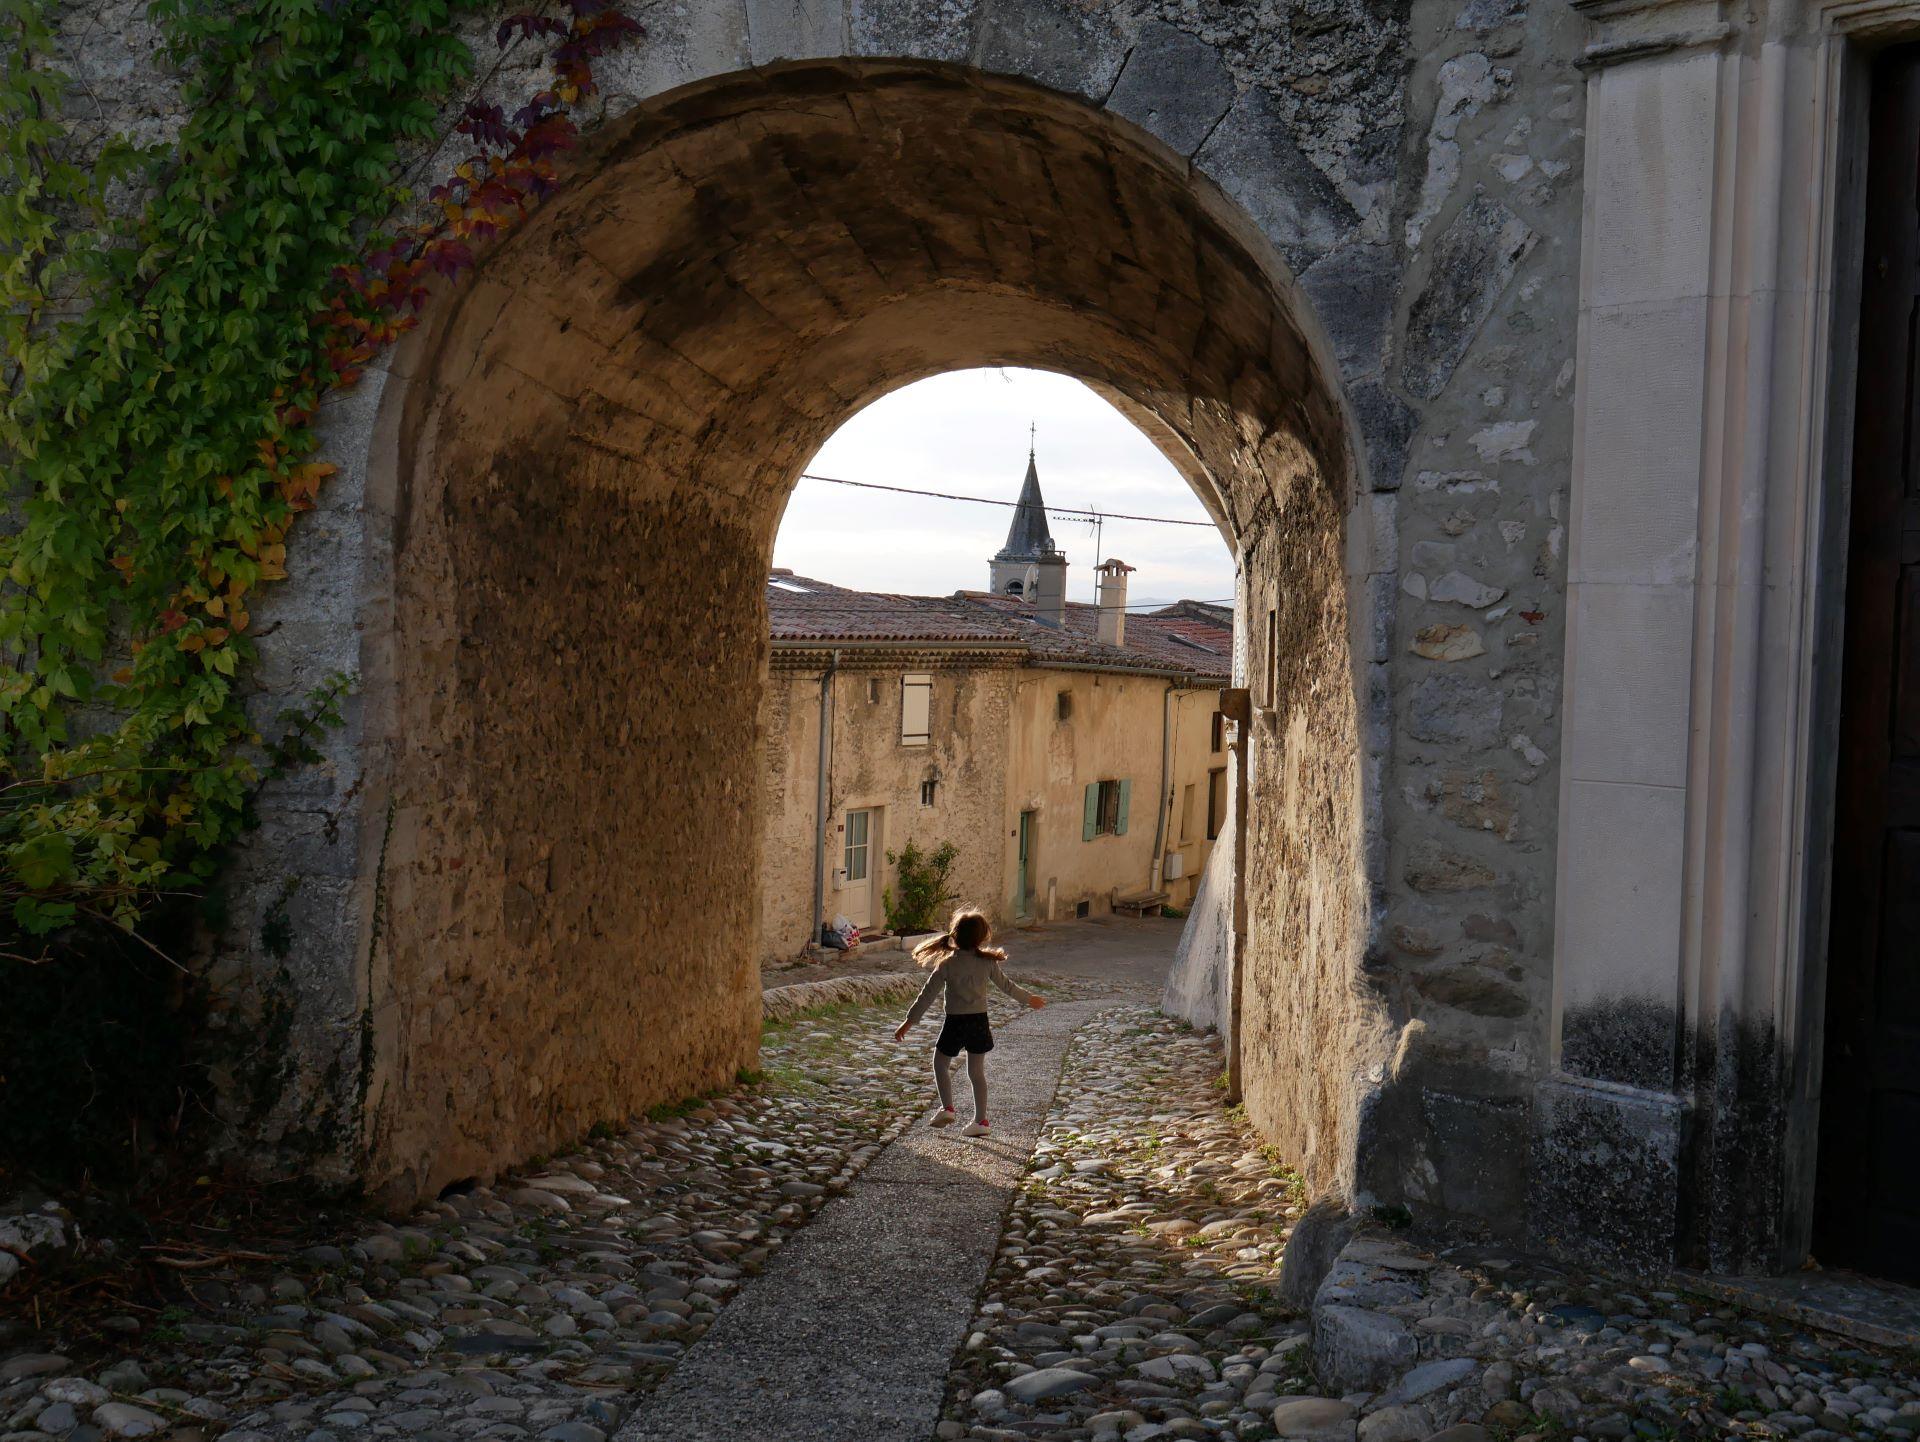 Vélo en Drôme-Ardèche : la Voie verte du Jabron et le village de la Bâtie-Rolland